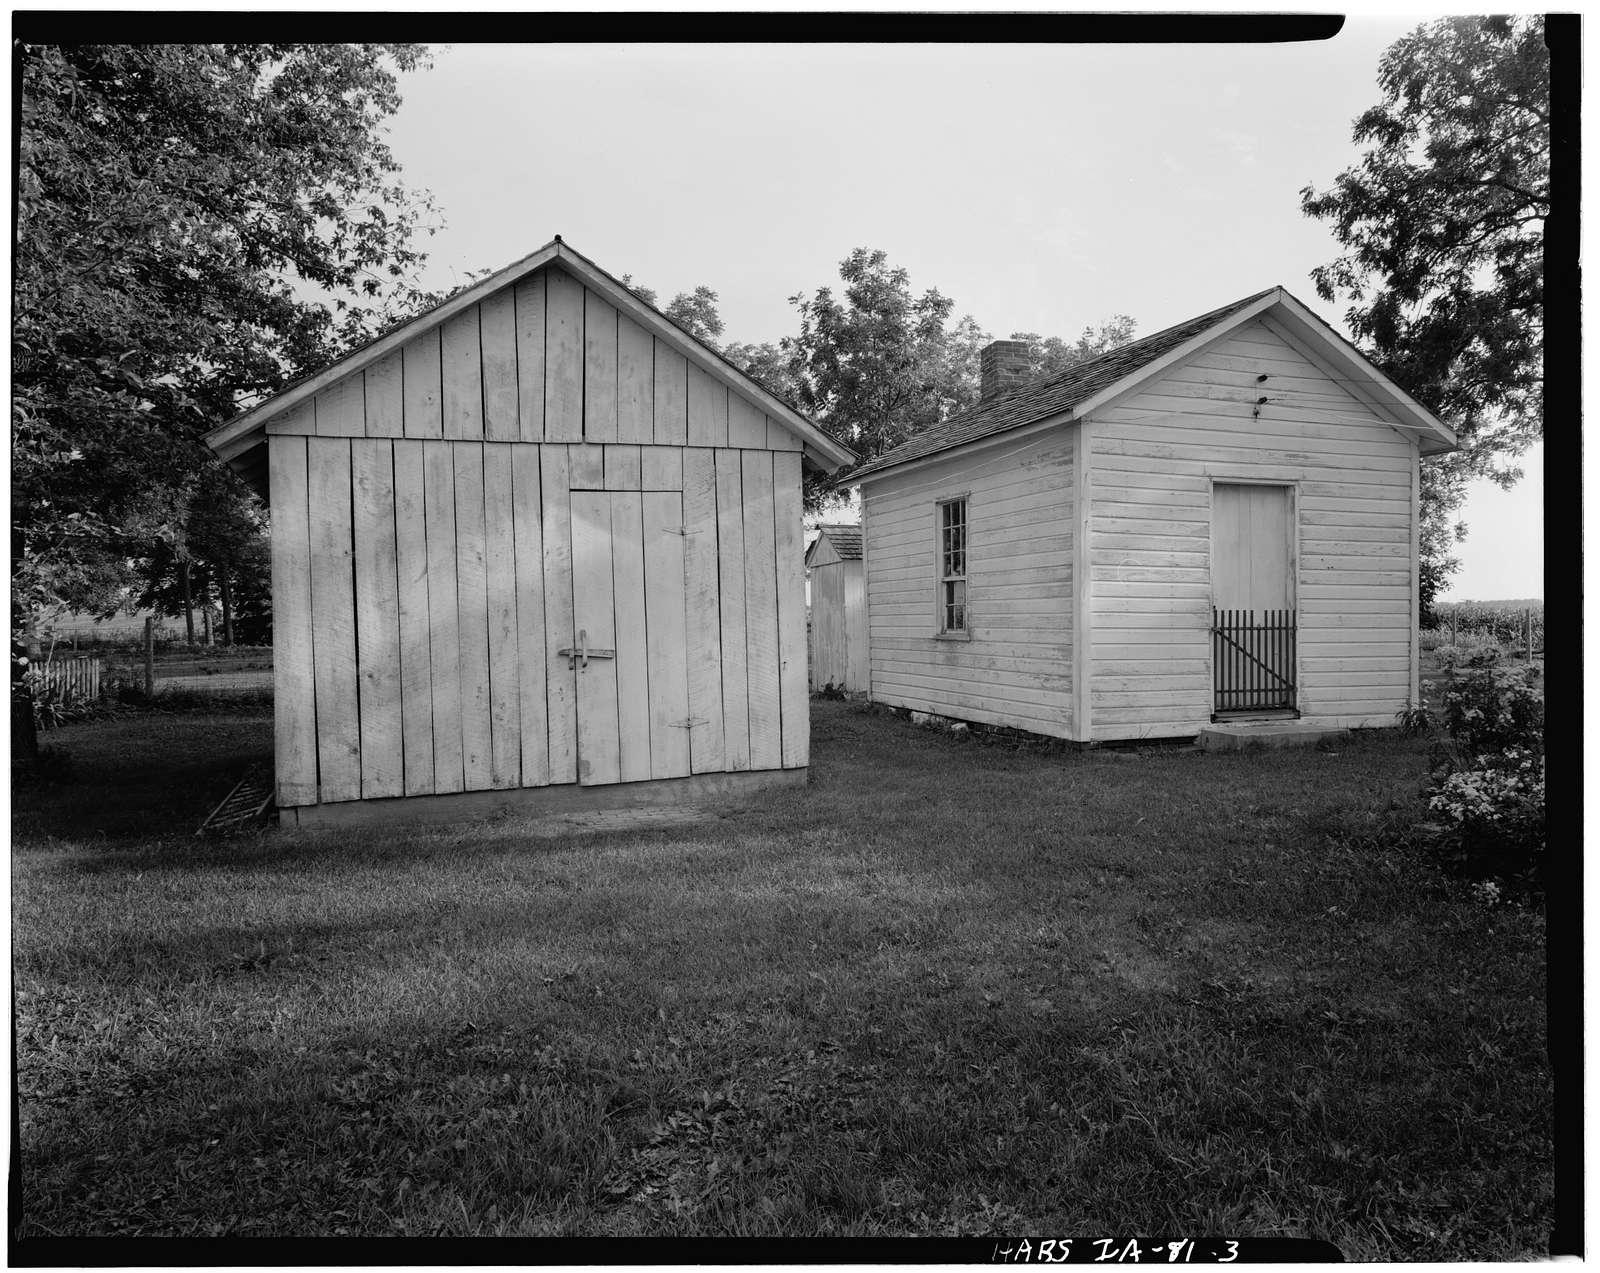 Daniel Nelson Farm, Glendale Road, Oskaloosa, Mahaska County, IA